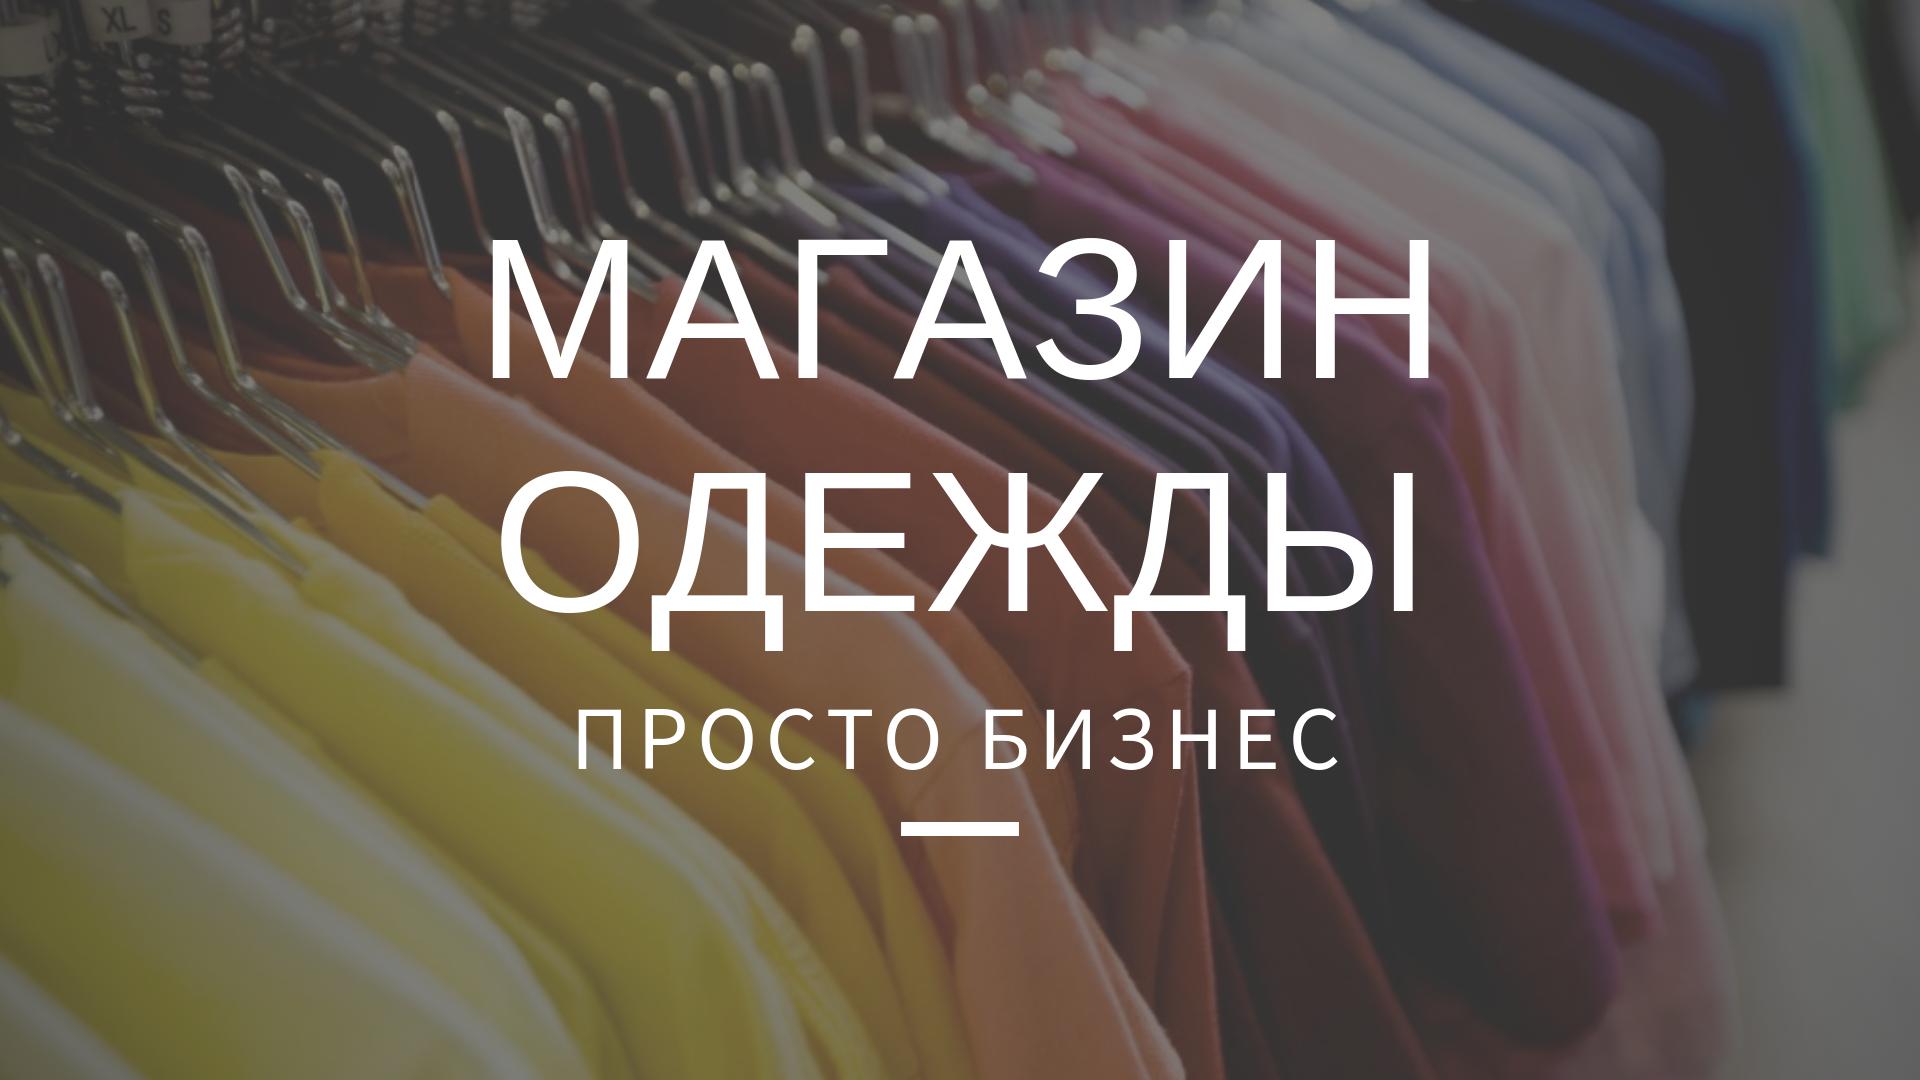 5092f958797 Как открыть магазин одежды. Одним из самых популярных направлений в малом  бизнесе является торговля одеждой. Но многие начинающие предприниматели не  могут ...